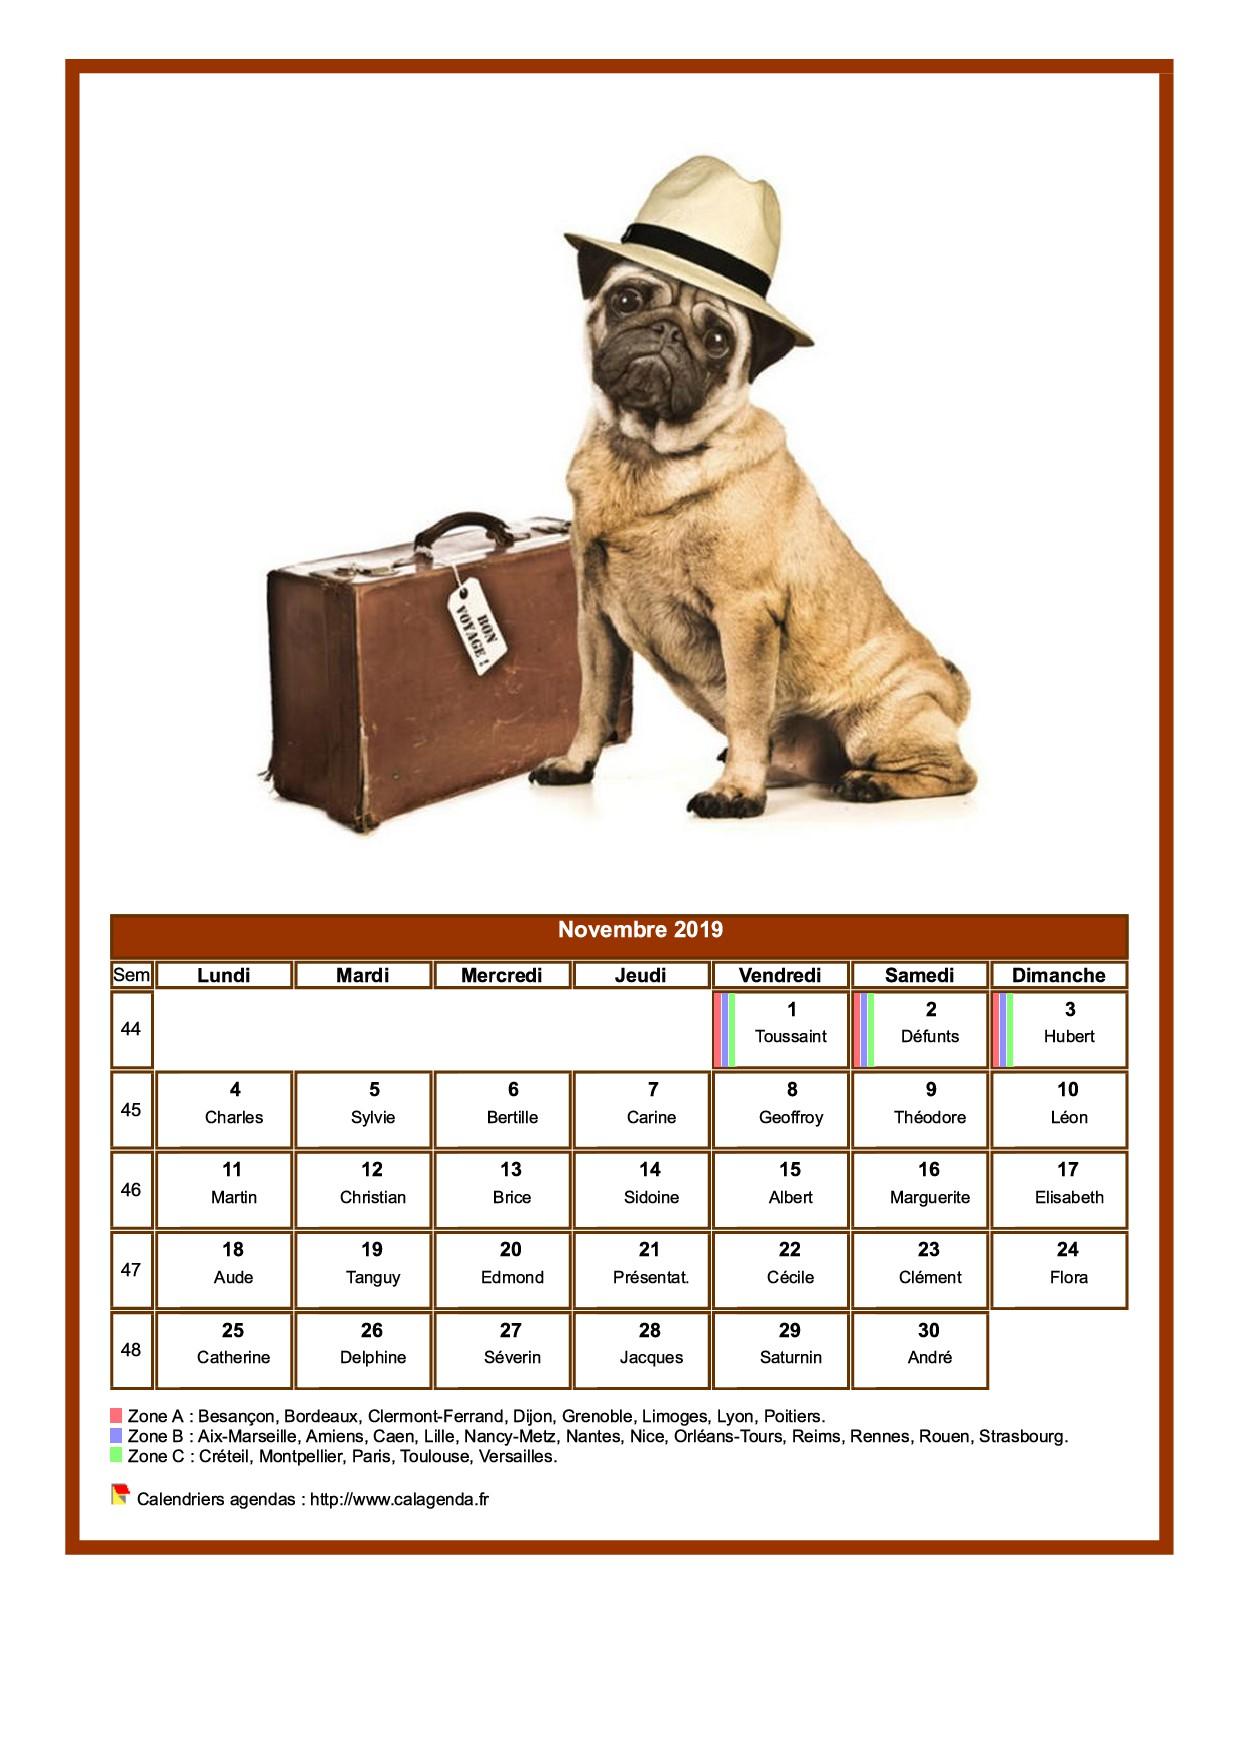 Calendrier novembre 2019 chiens